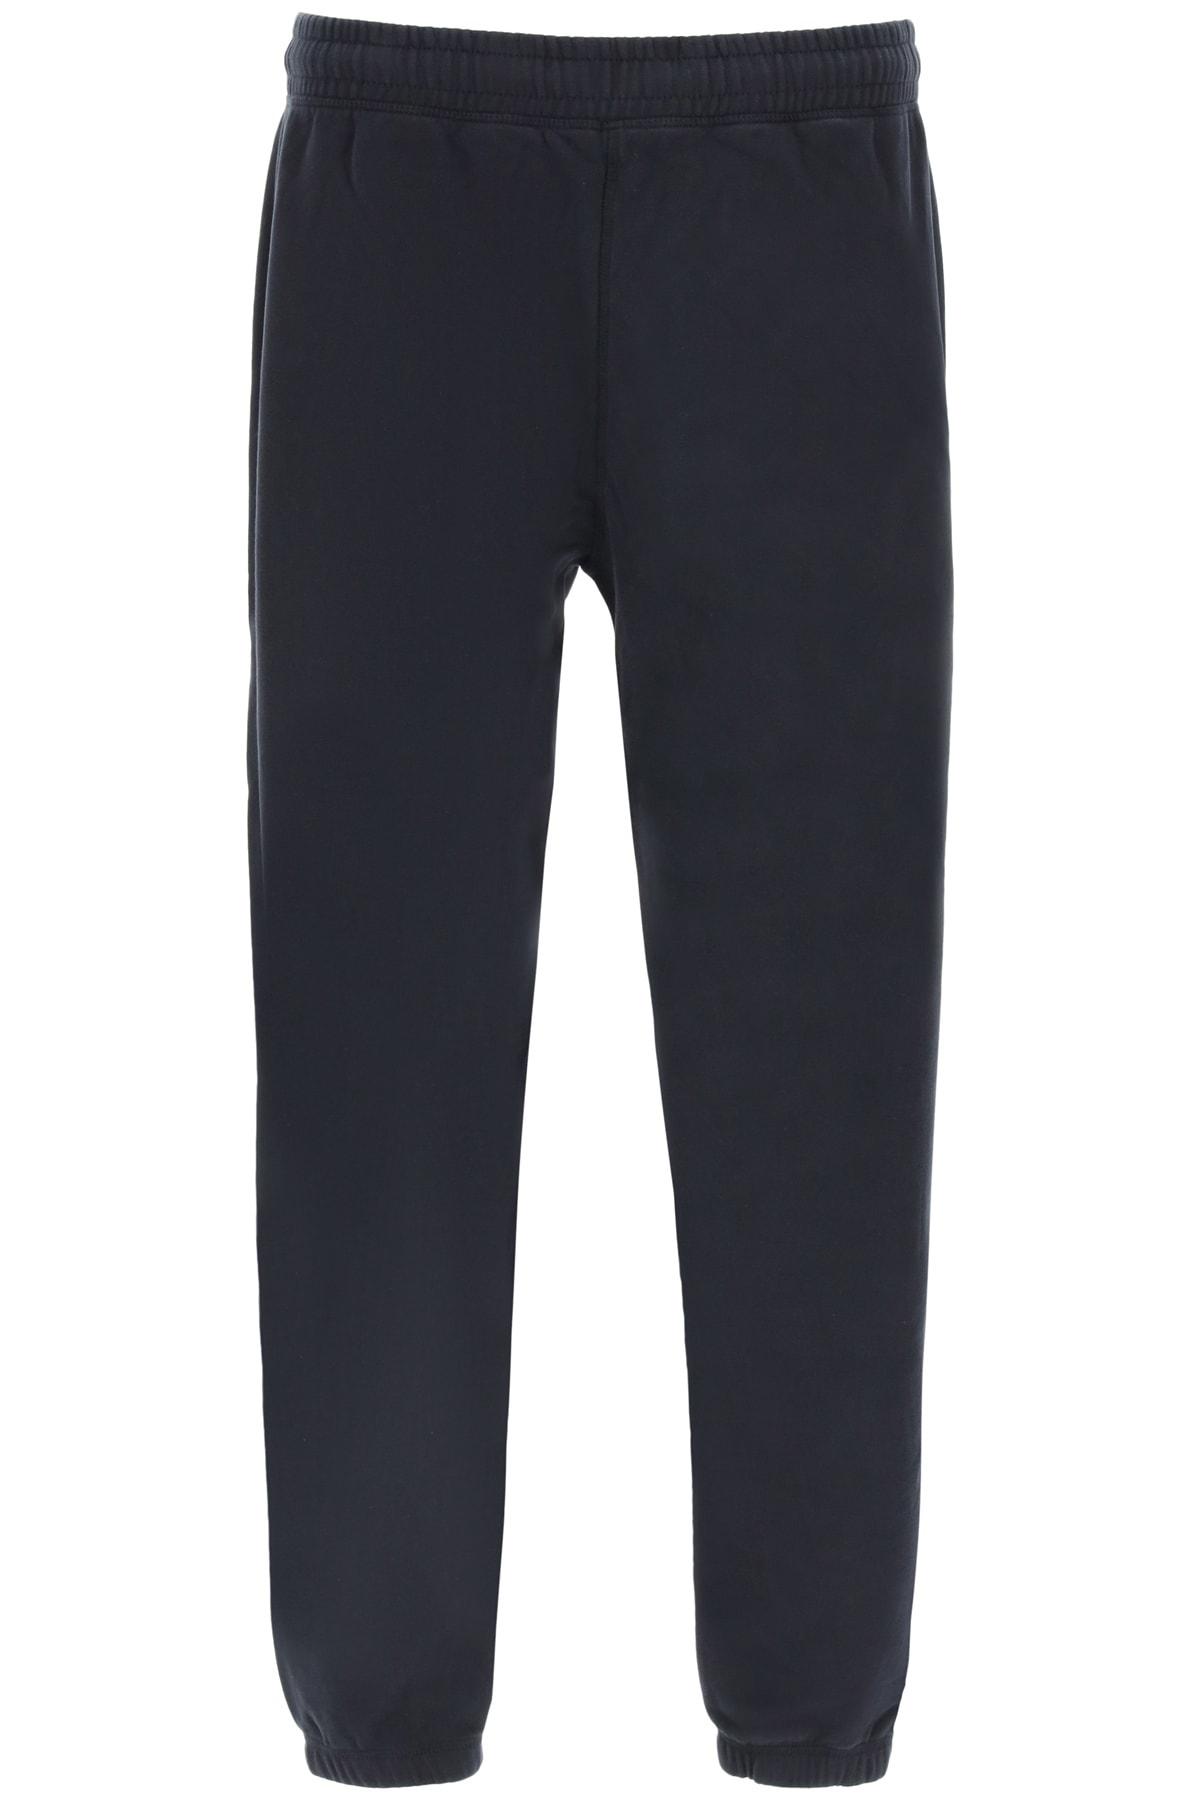 GM77 Fleece Trousers